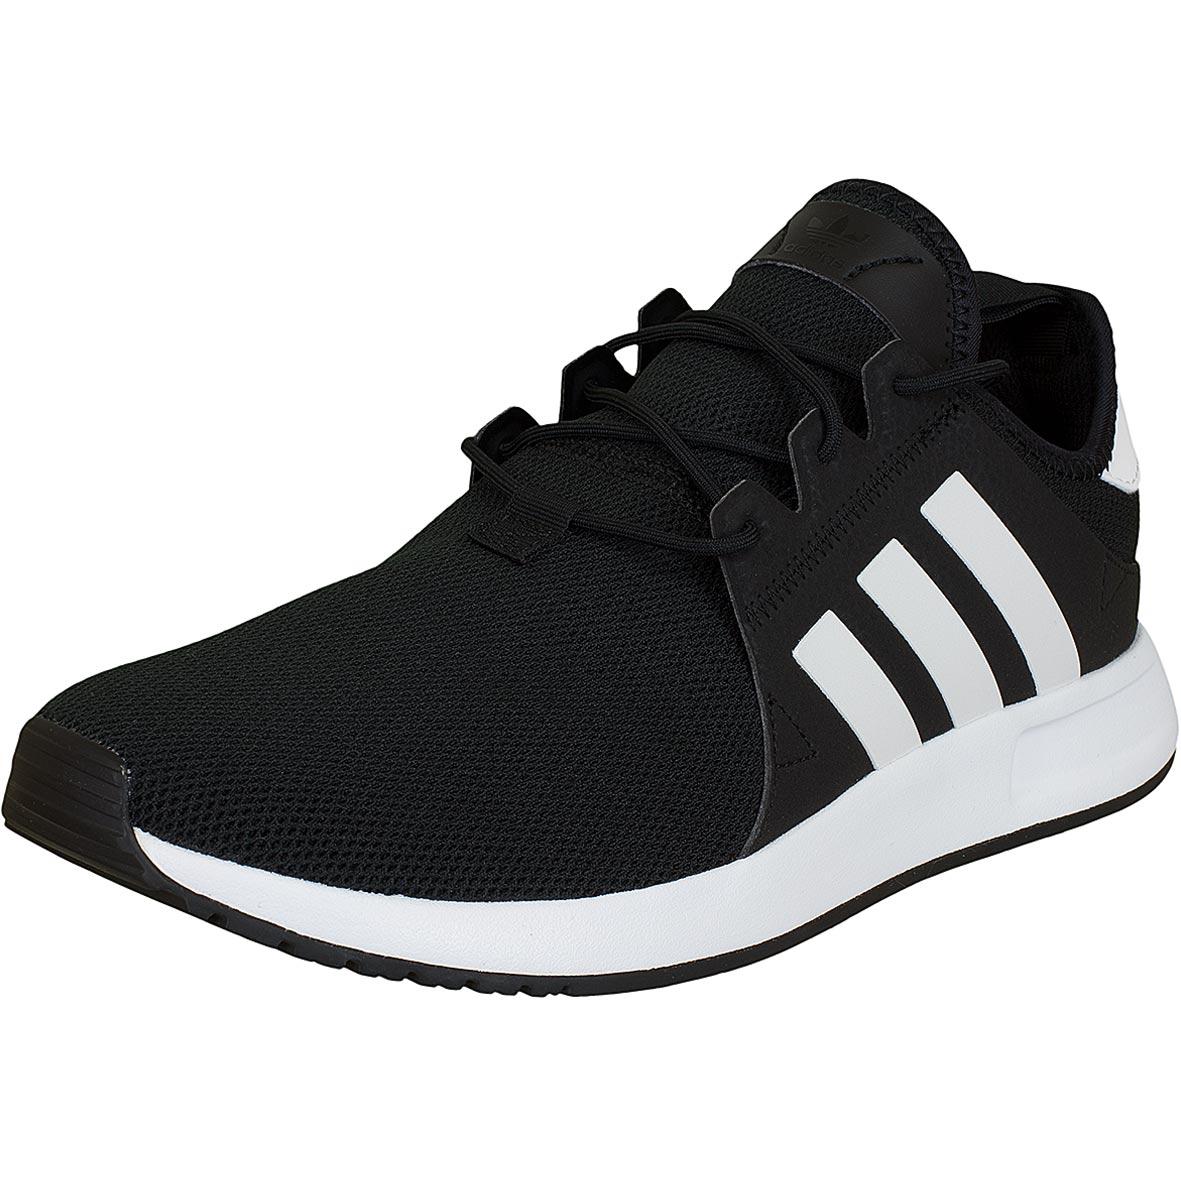 Adidas Originals Sneaker X PLR schwarz/weiß